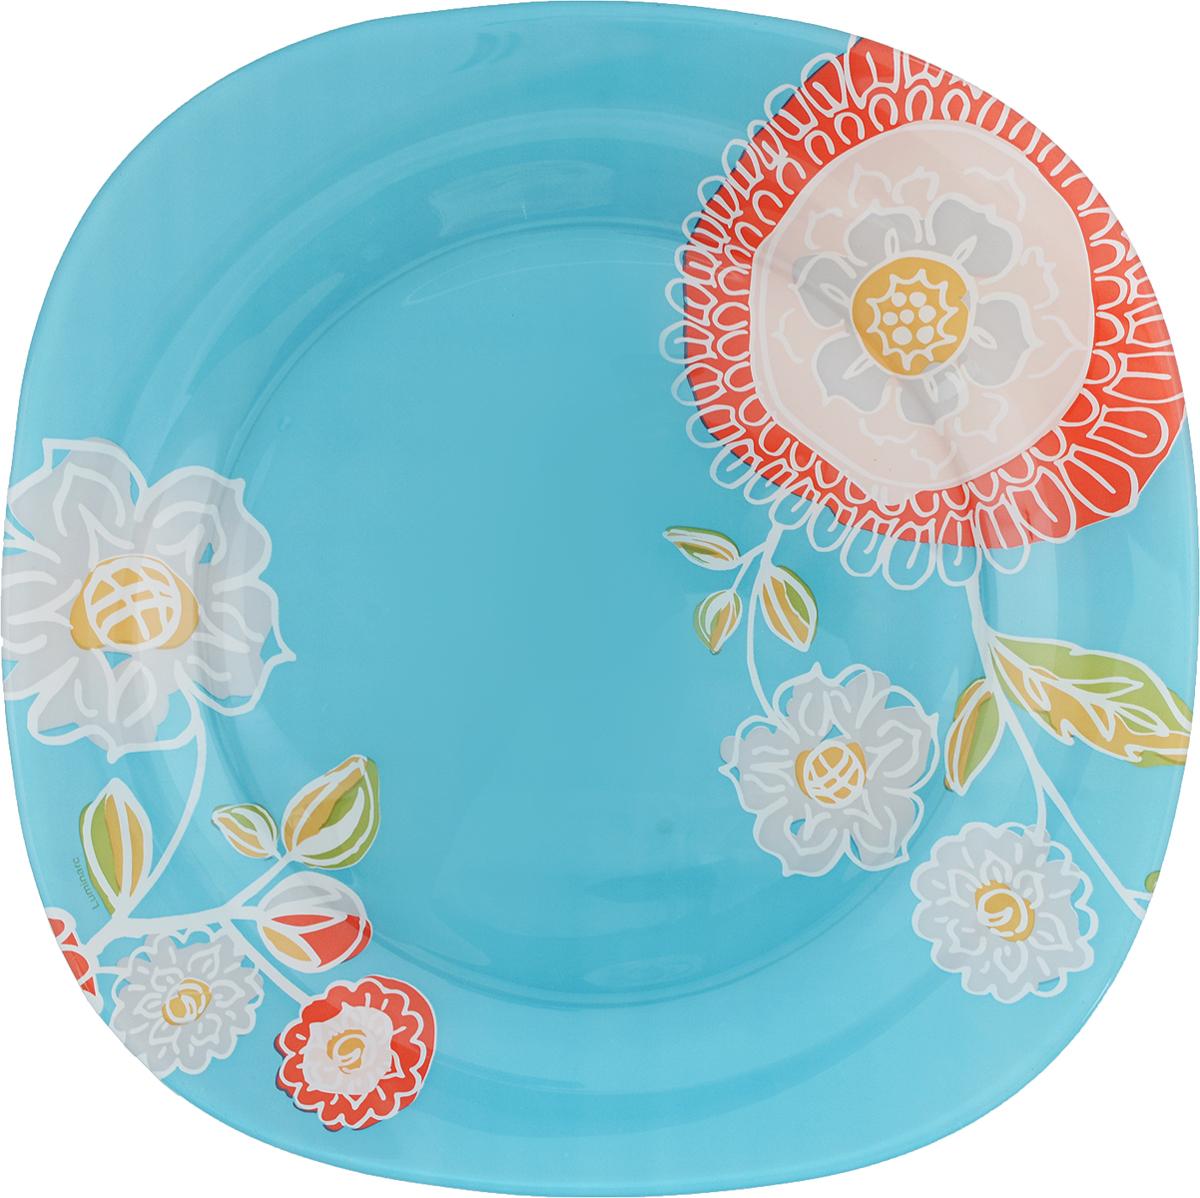 Тарелка обеденная Luminarc Silene Glass, 25 х 25 см тарелка обеденная luminarc freesia 25 5 х 25 5 см